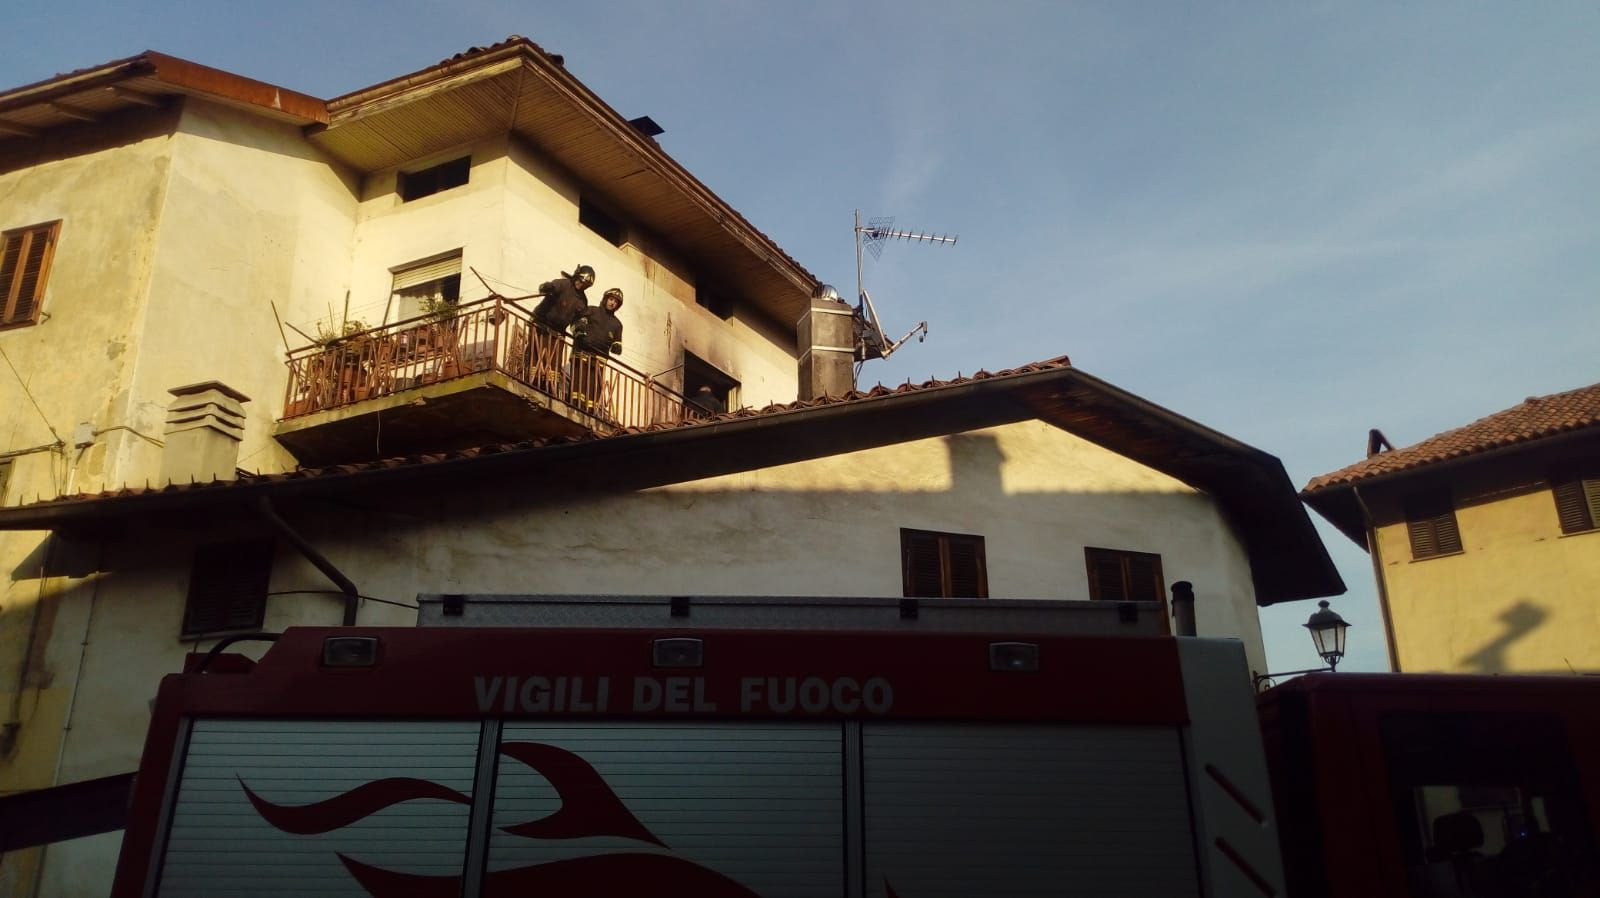 VALPERGA - Incendio in alloggio, intervento dei pompieri - FOTO